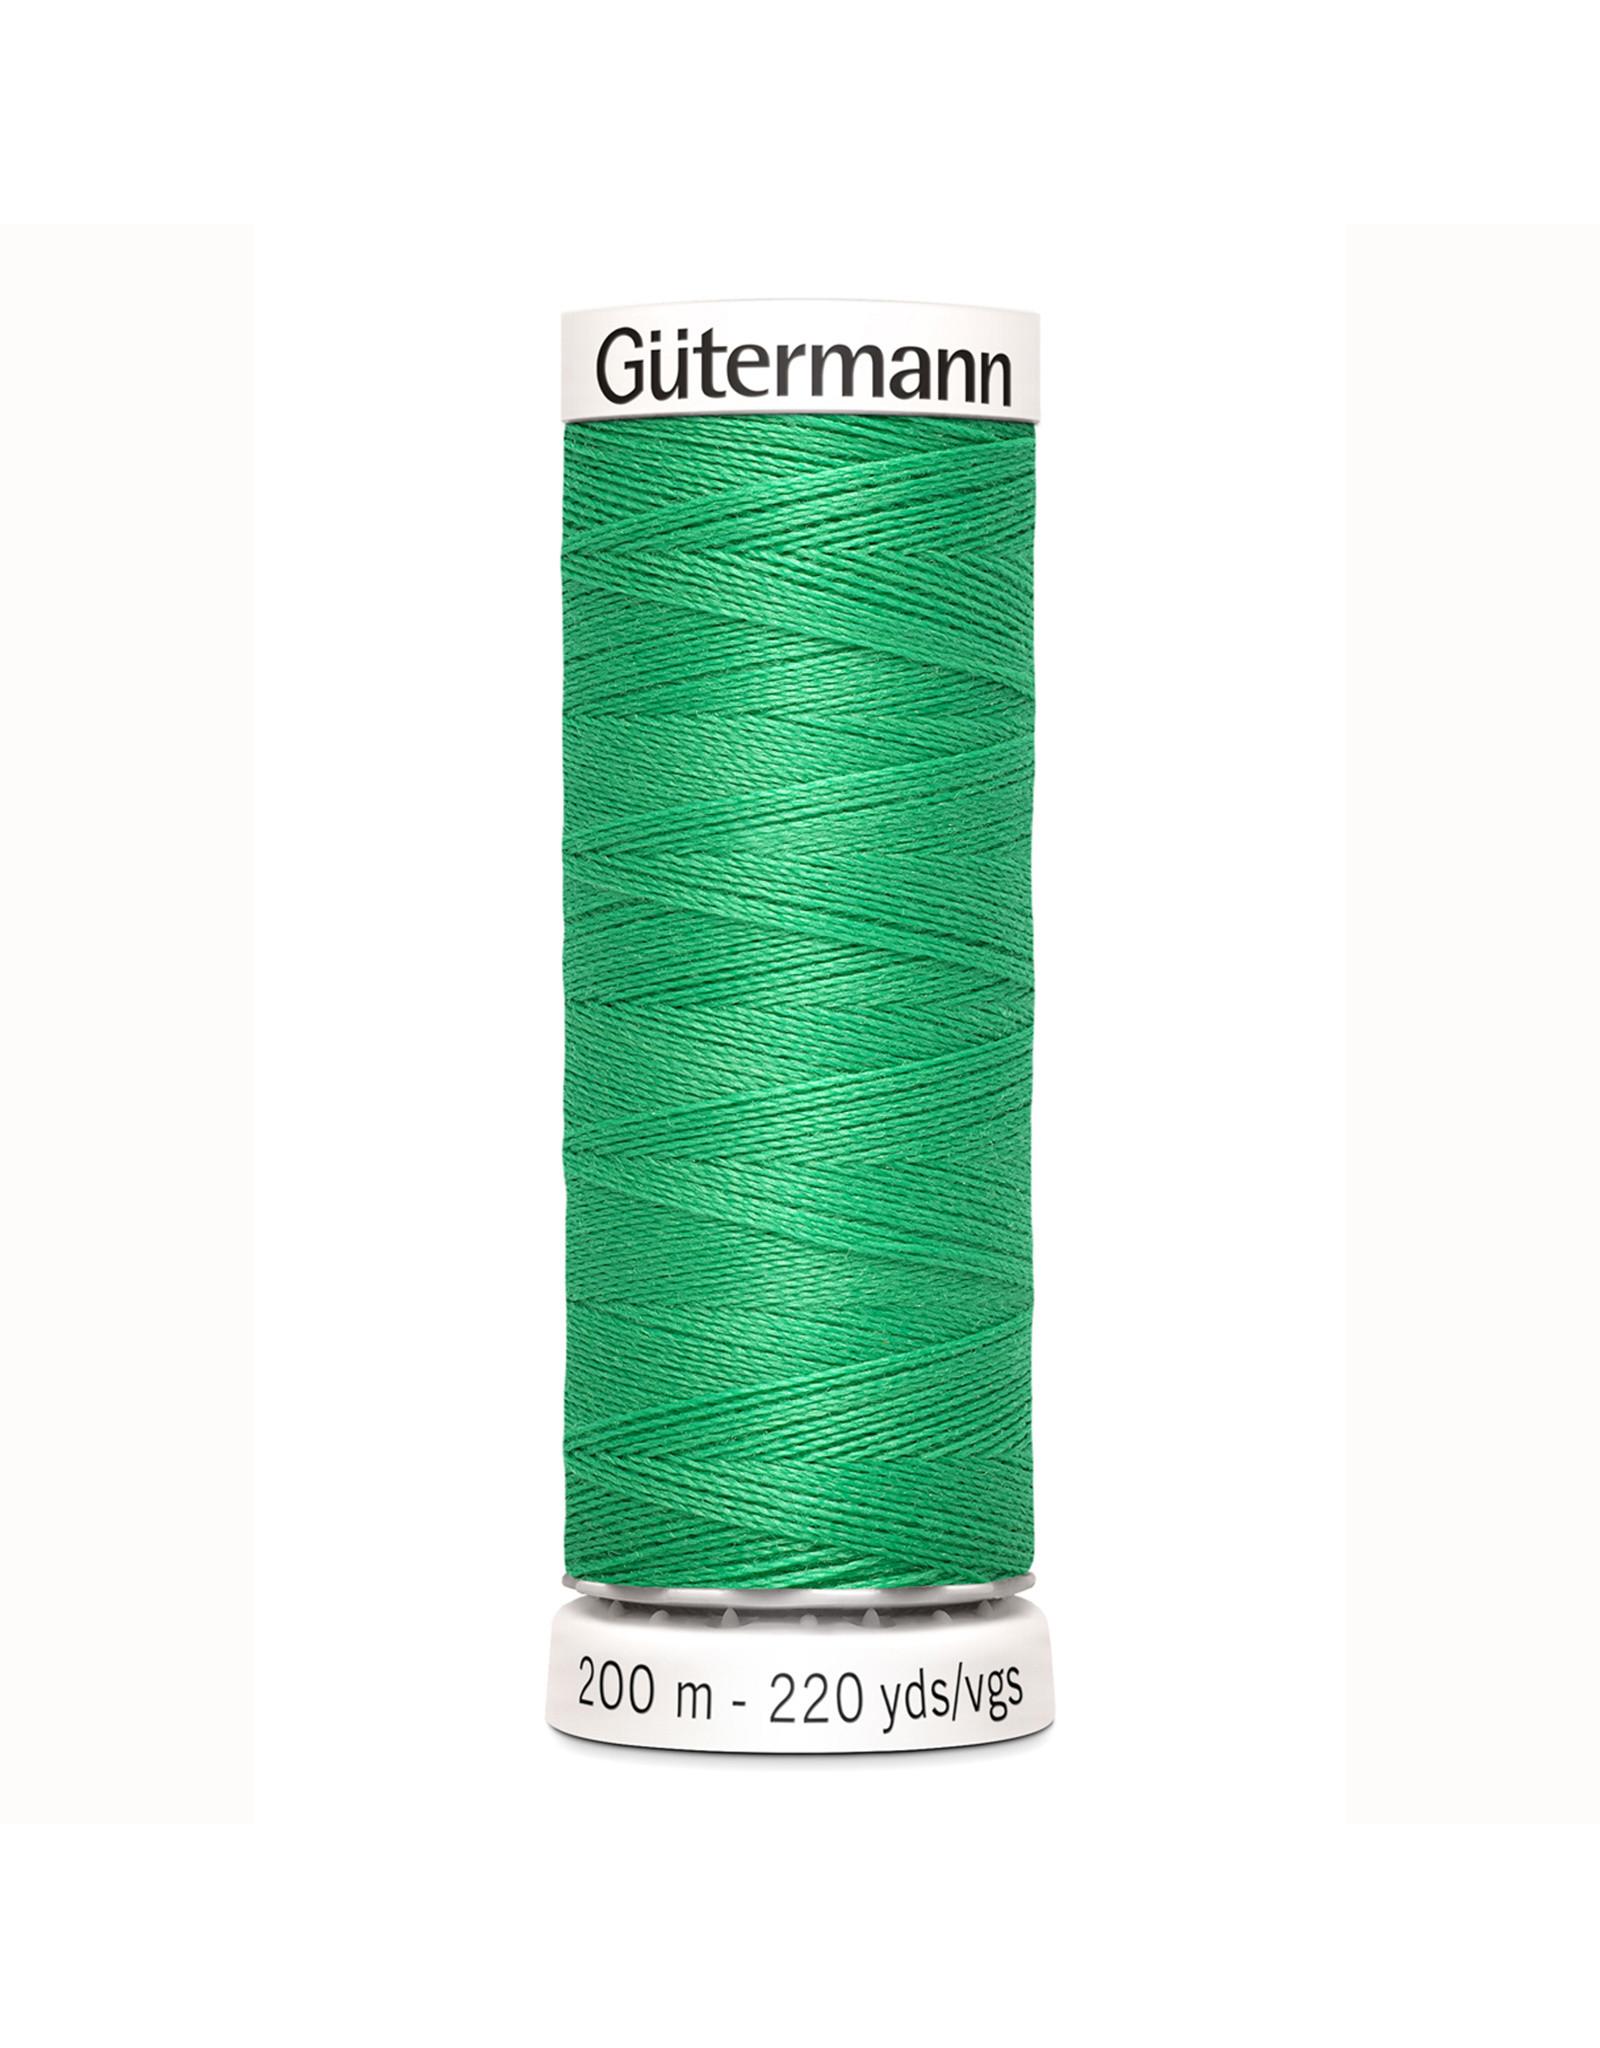 Gütermann Gütermann Nähgarn 200 m - nr 401